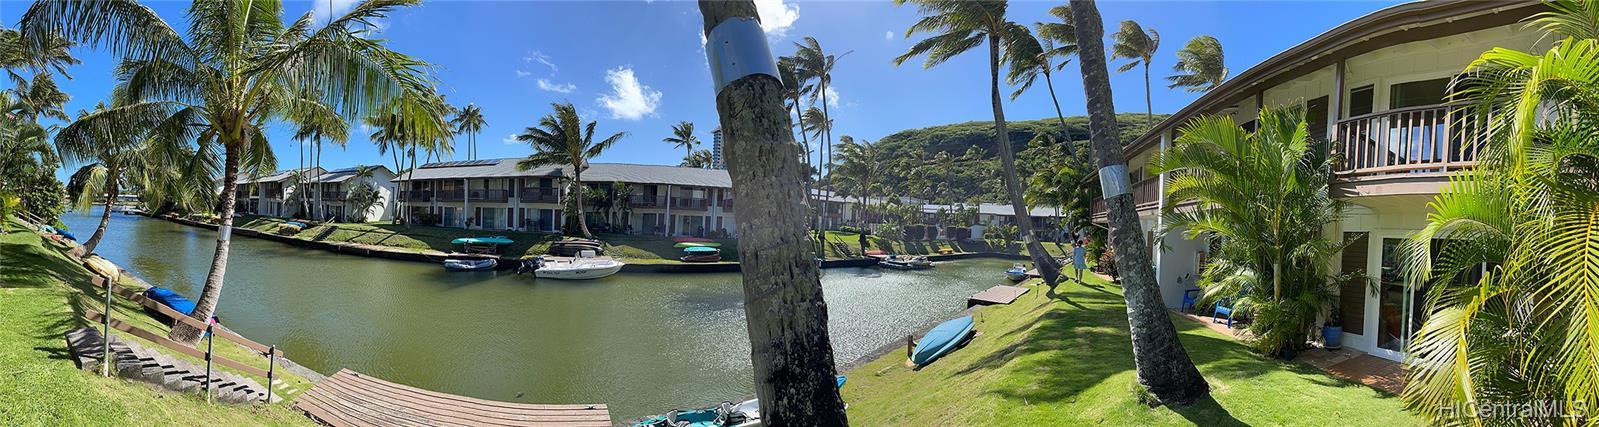 6221 Keokea Place townhouse # 134, Honolulu, Hawaii - photo 24 of 25